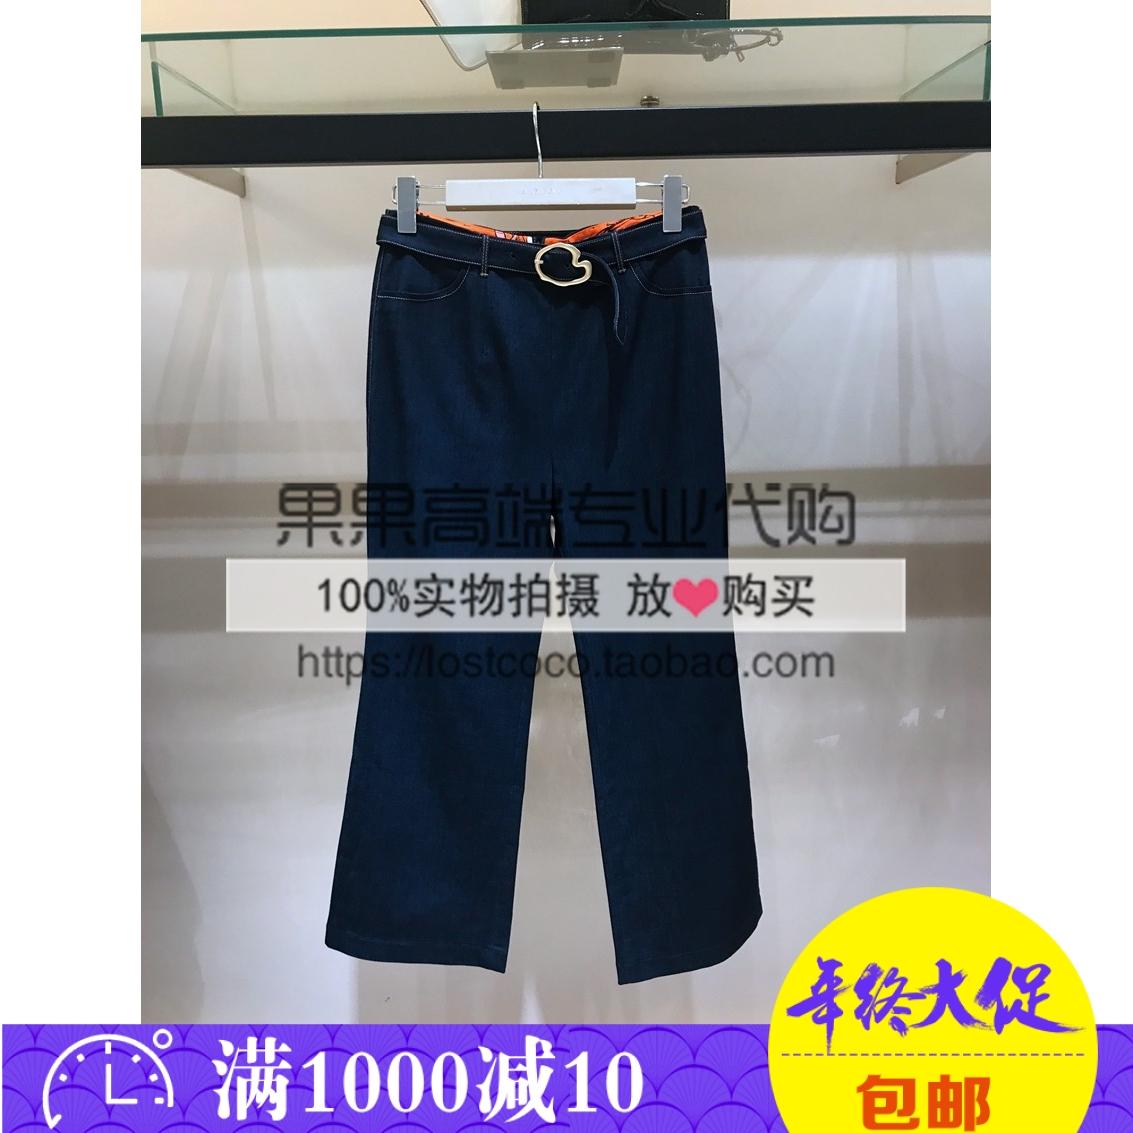 包邮专柜正品ANMANI/恩曼琳2018夏牛仔裤K3261402 1880